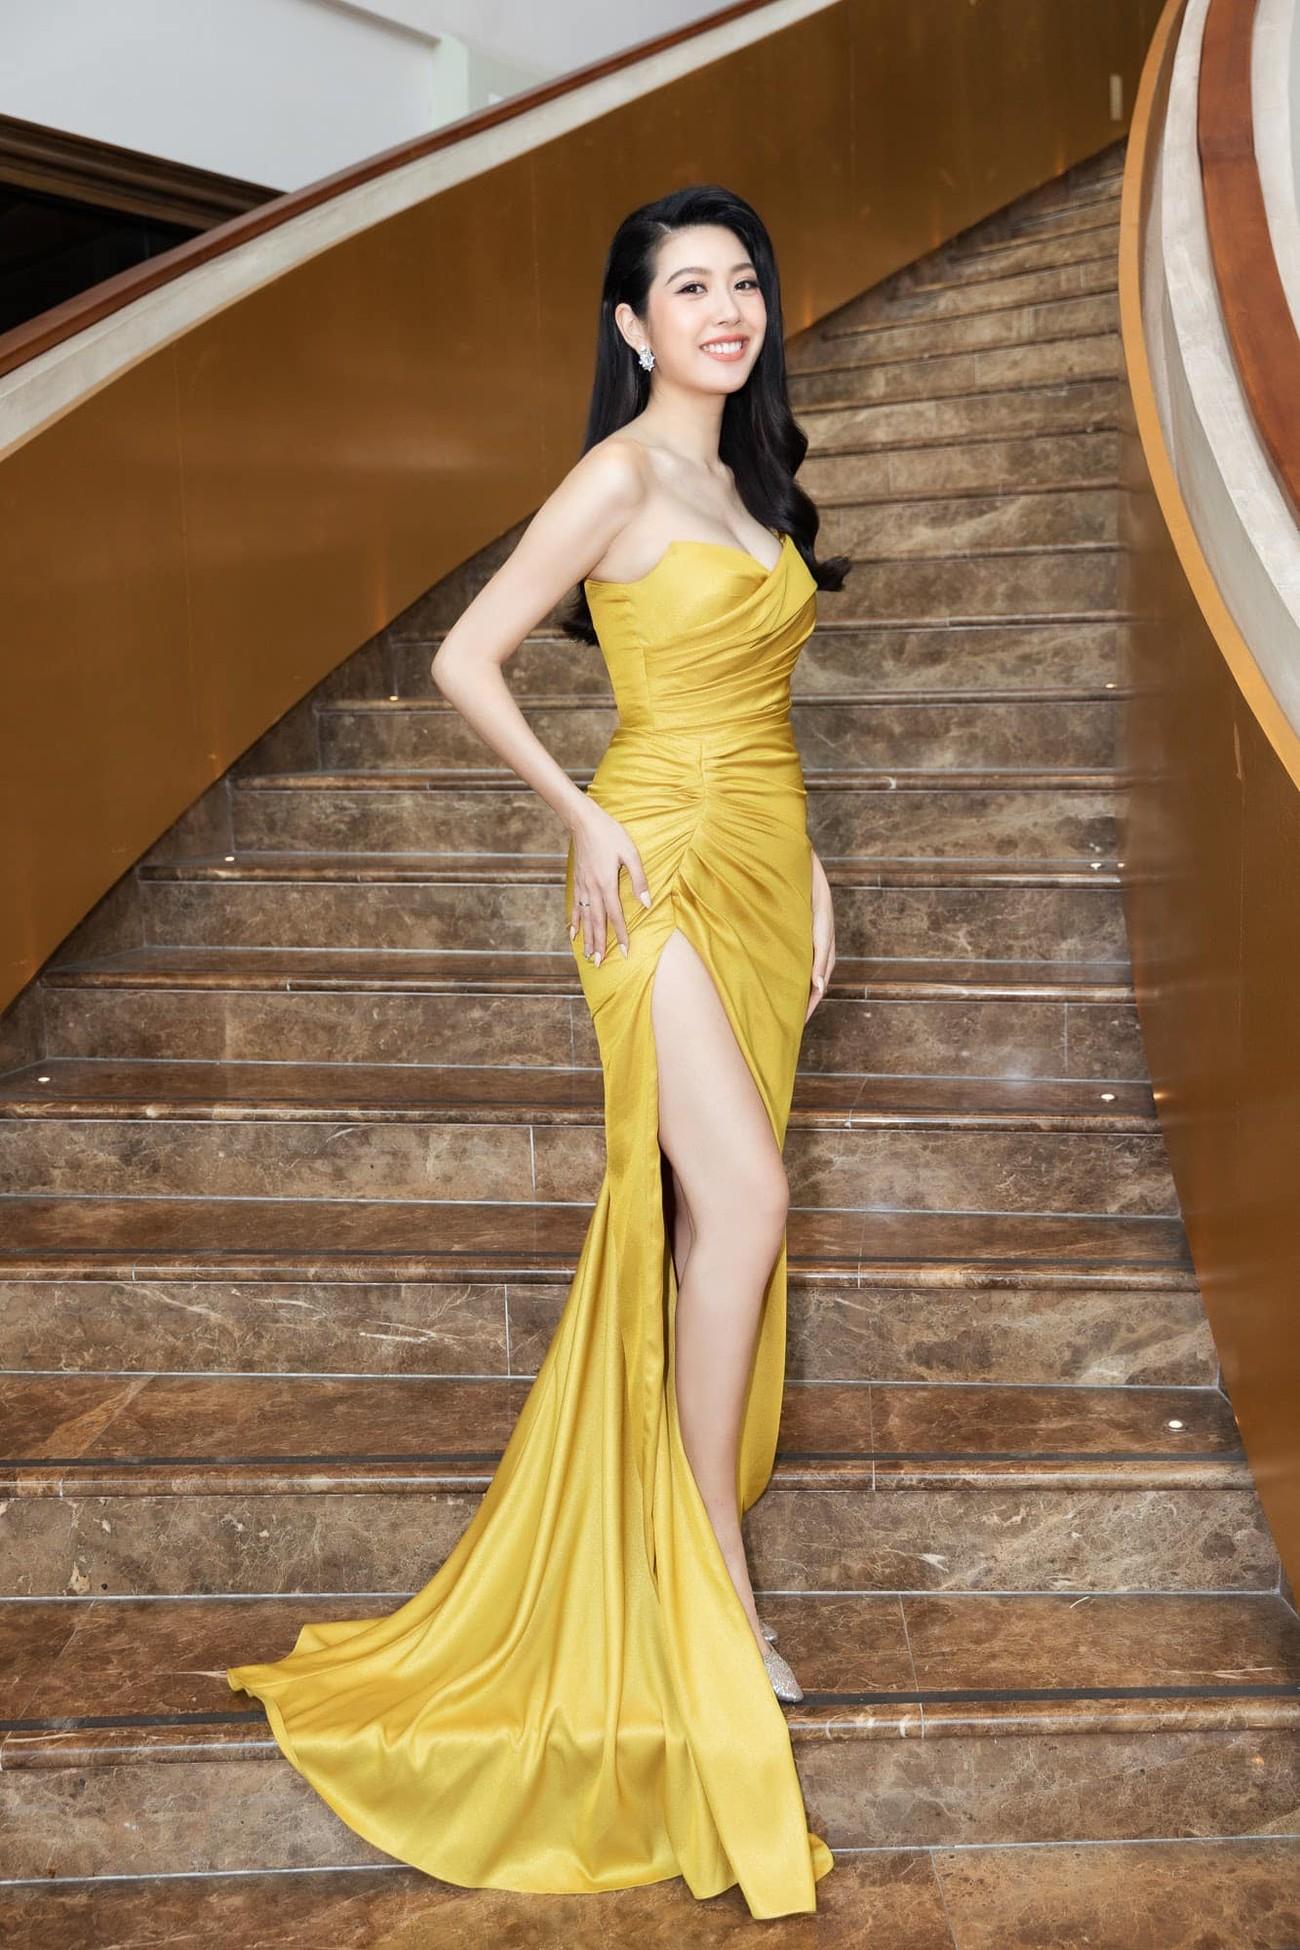 Tiểu Vy diện váy trễ vai gợi cảm, Lương Thuỳ Linh mặc đầm đỏ rực khoe chân dài 1m22 ảnh 10